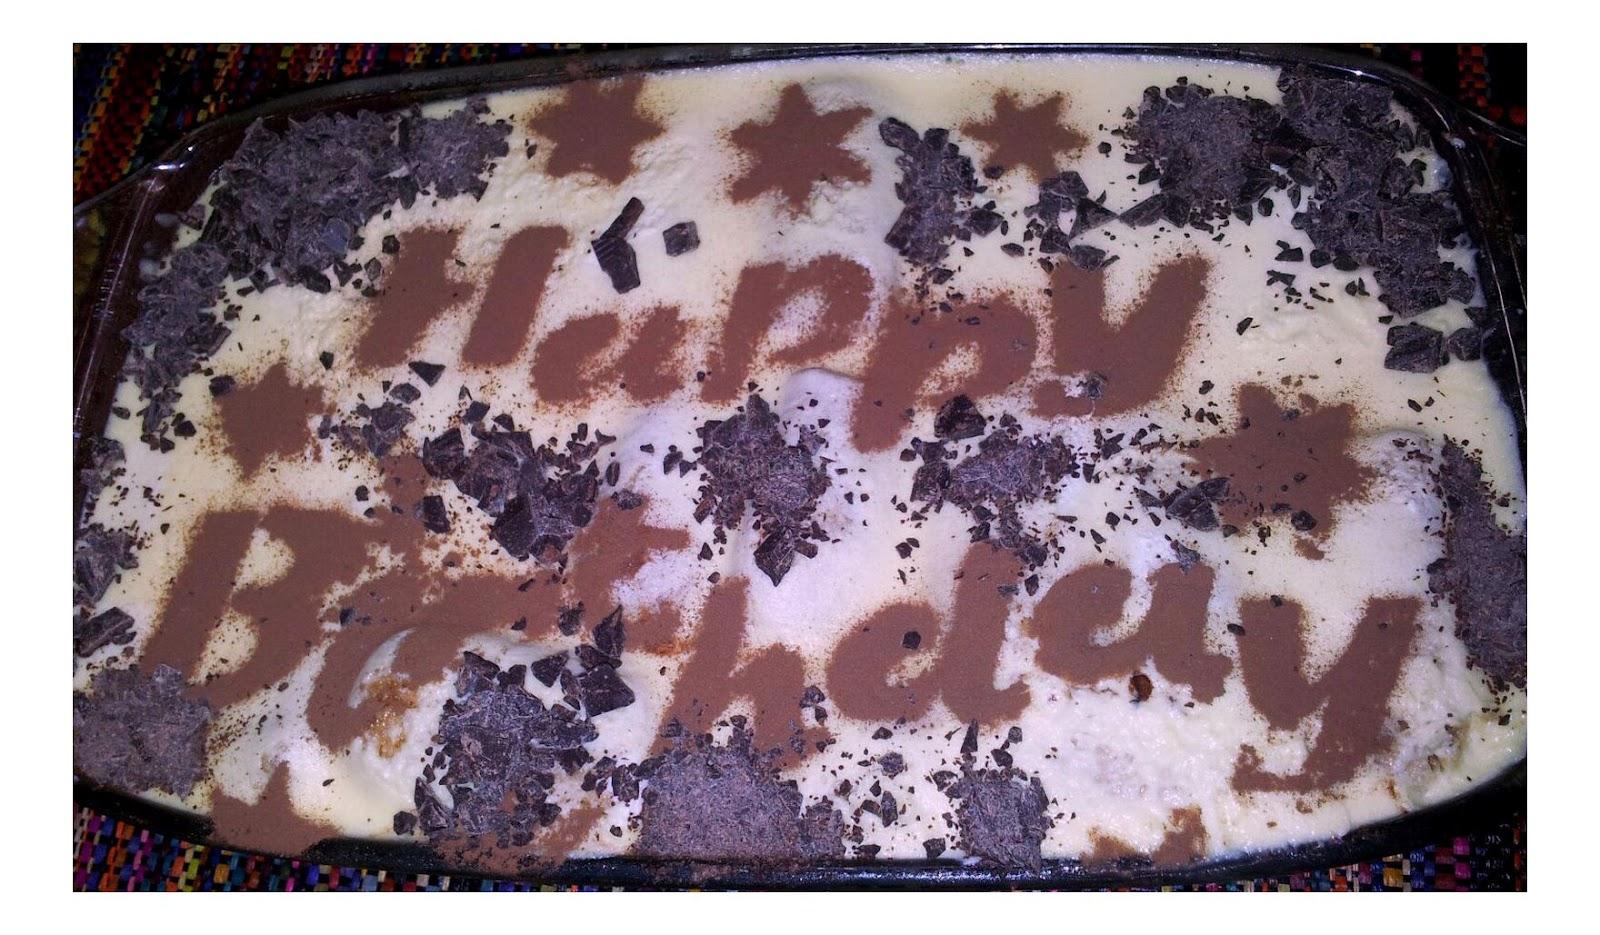 Marinora in cucina un compleanno come si deve qui ci for Oh mia cabina forgia il piccione